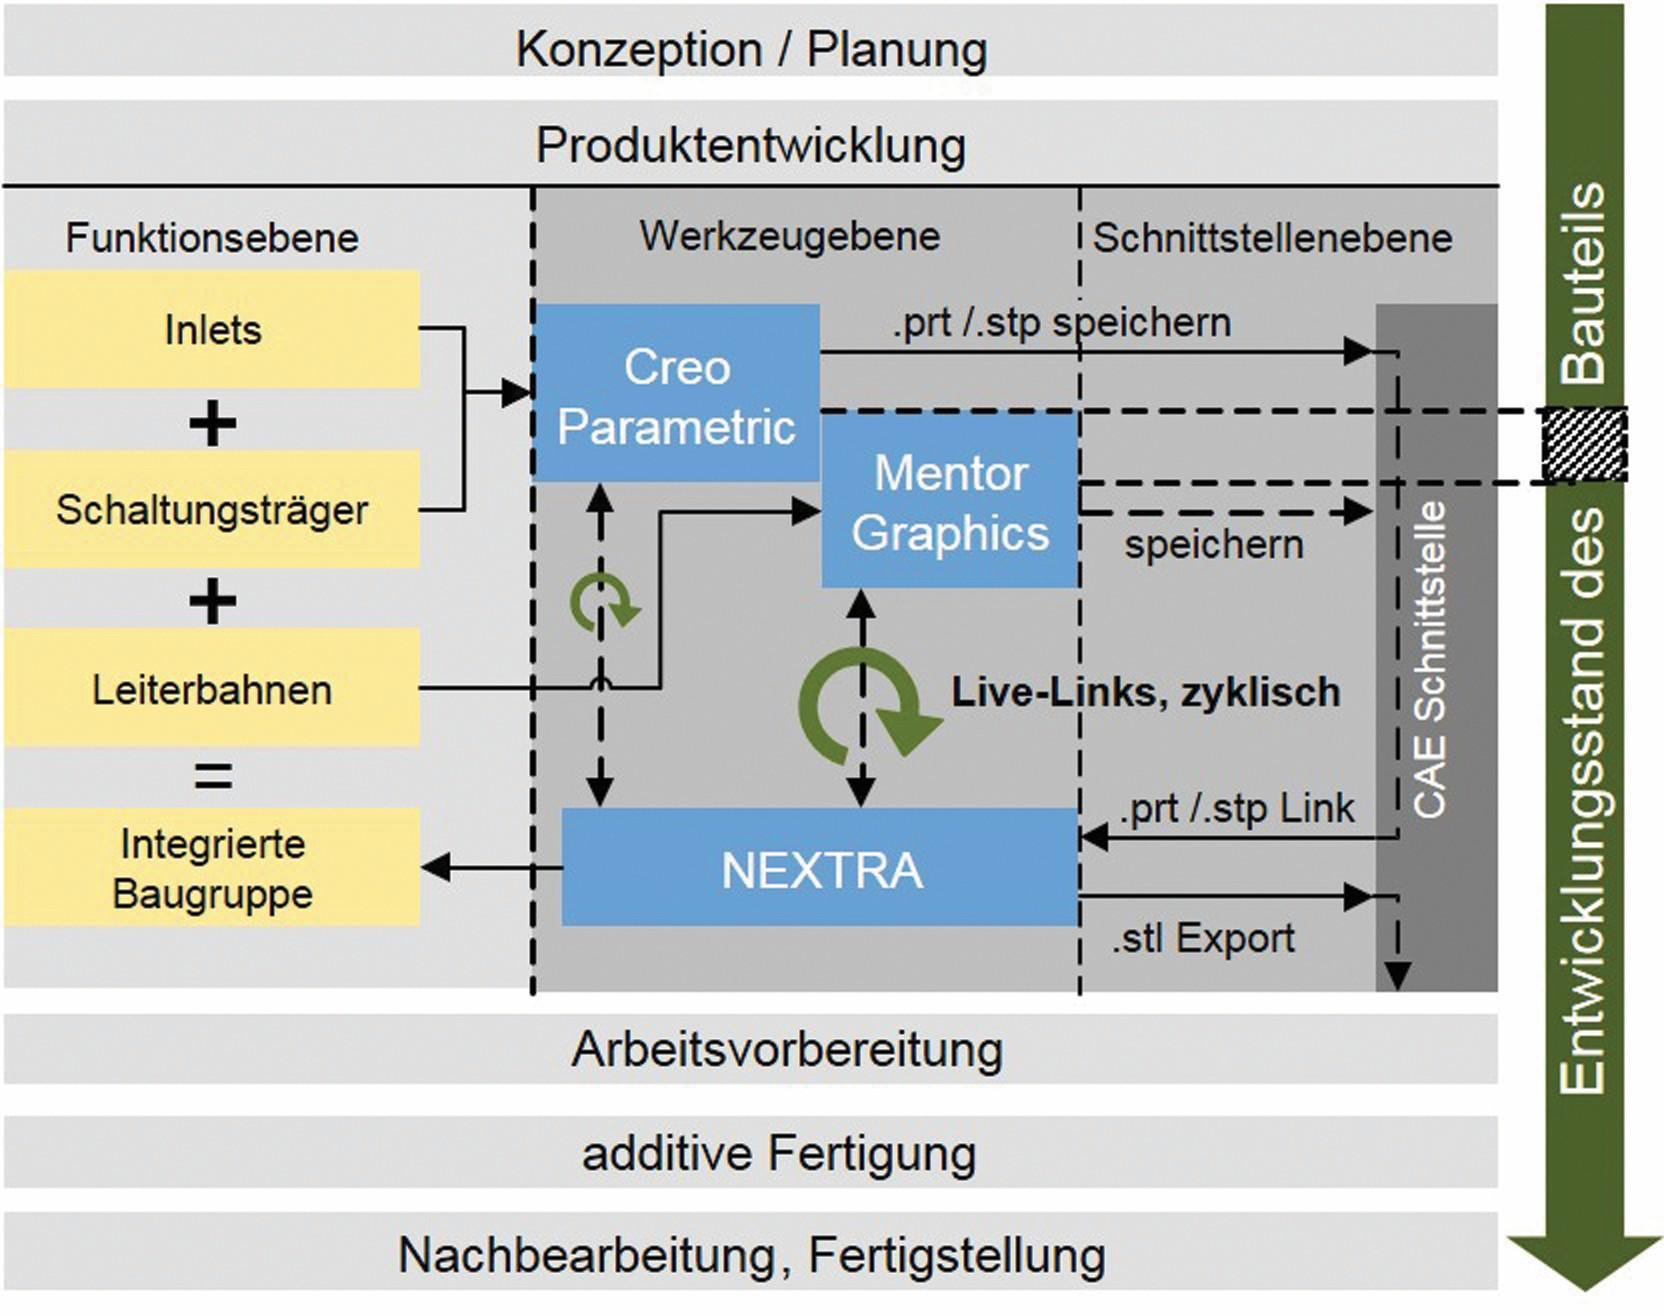 Bild 5: Dadurch, dass der Prozess aus Bild 3 zwar generell funktioniert, jedoch als verbesserungsfähig empfunden wird, wird in dieser Abbildung ein idealisierter Soll-Prozess vorgestellt, dessen CAx-Werkzeuge bereits existieren, jedoch für das Engineering in der additiven Fertigung angepasst werden müssen. (Bild: FAU Erlangen-Nürnberg)